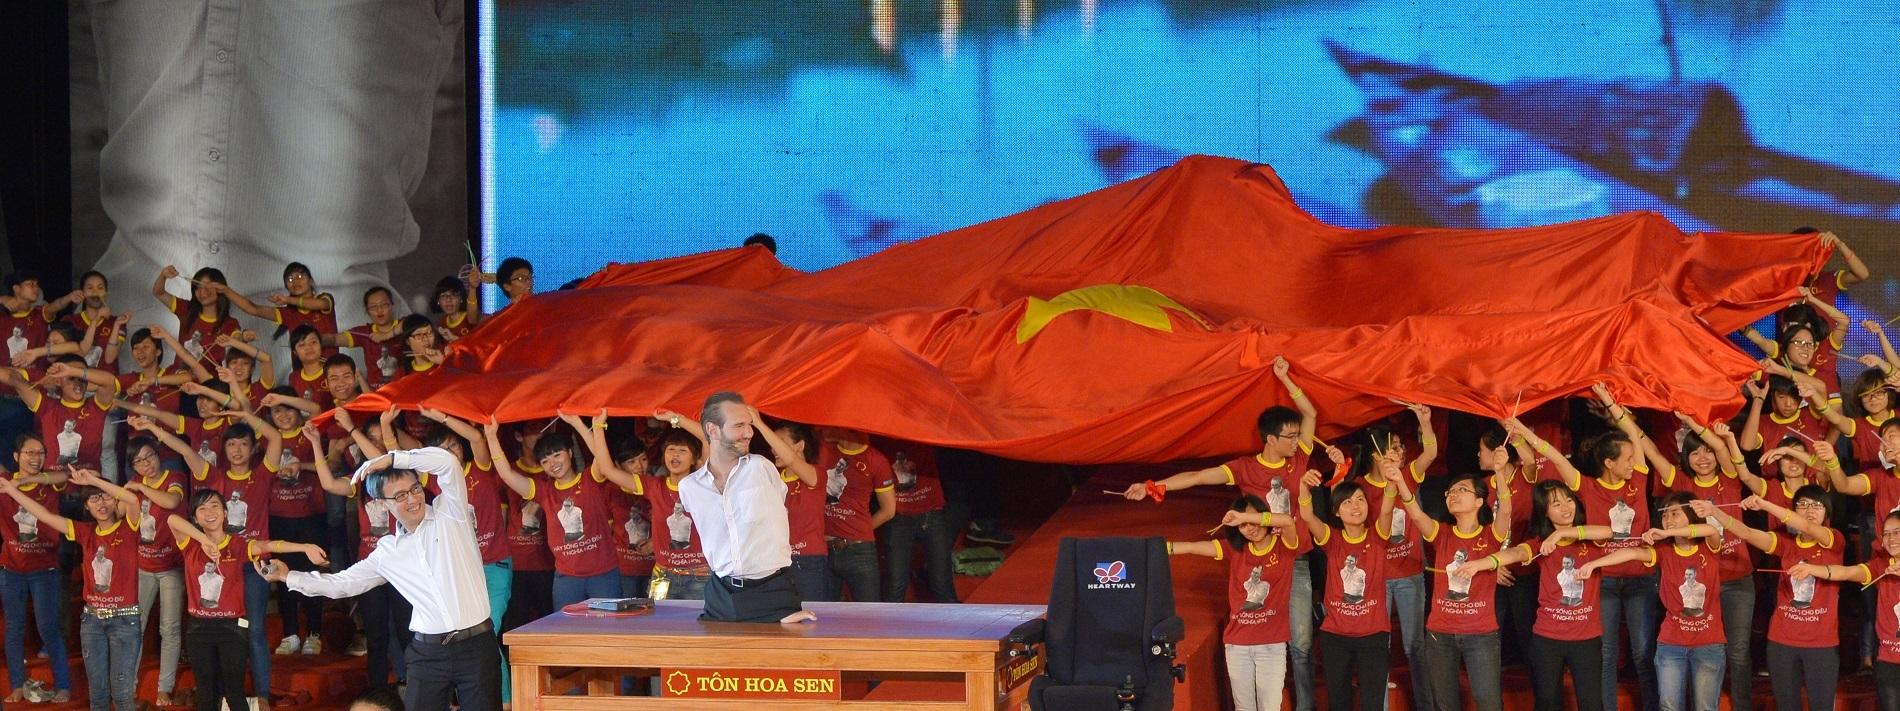 Nick Vujicic gây ấn tượng tốt với những người khuyết tật và bạn trẻ Việt Nam